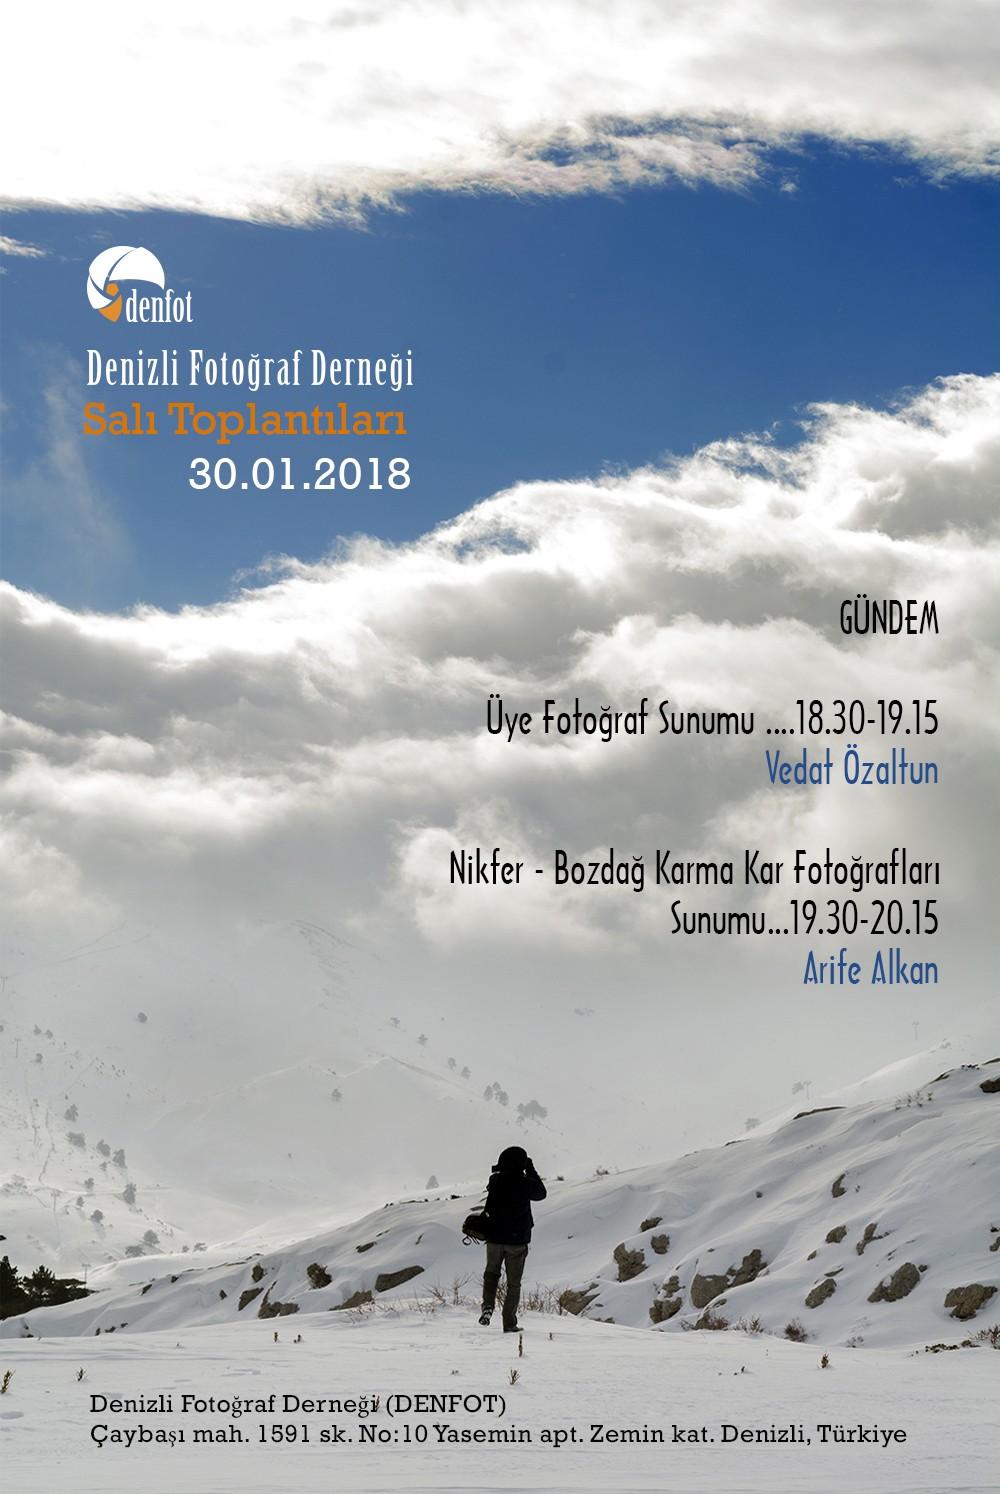 Denizli Fotoğraf Derneği 30.01.2018 Haftalık Programı